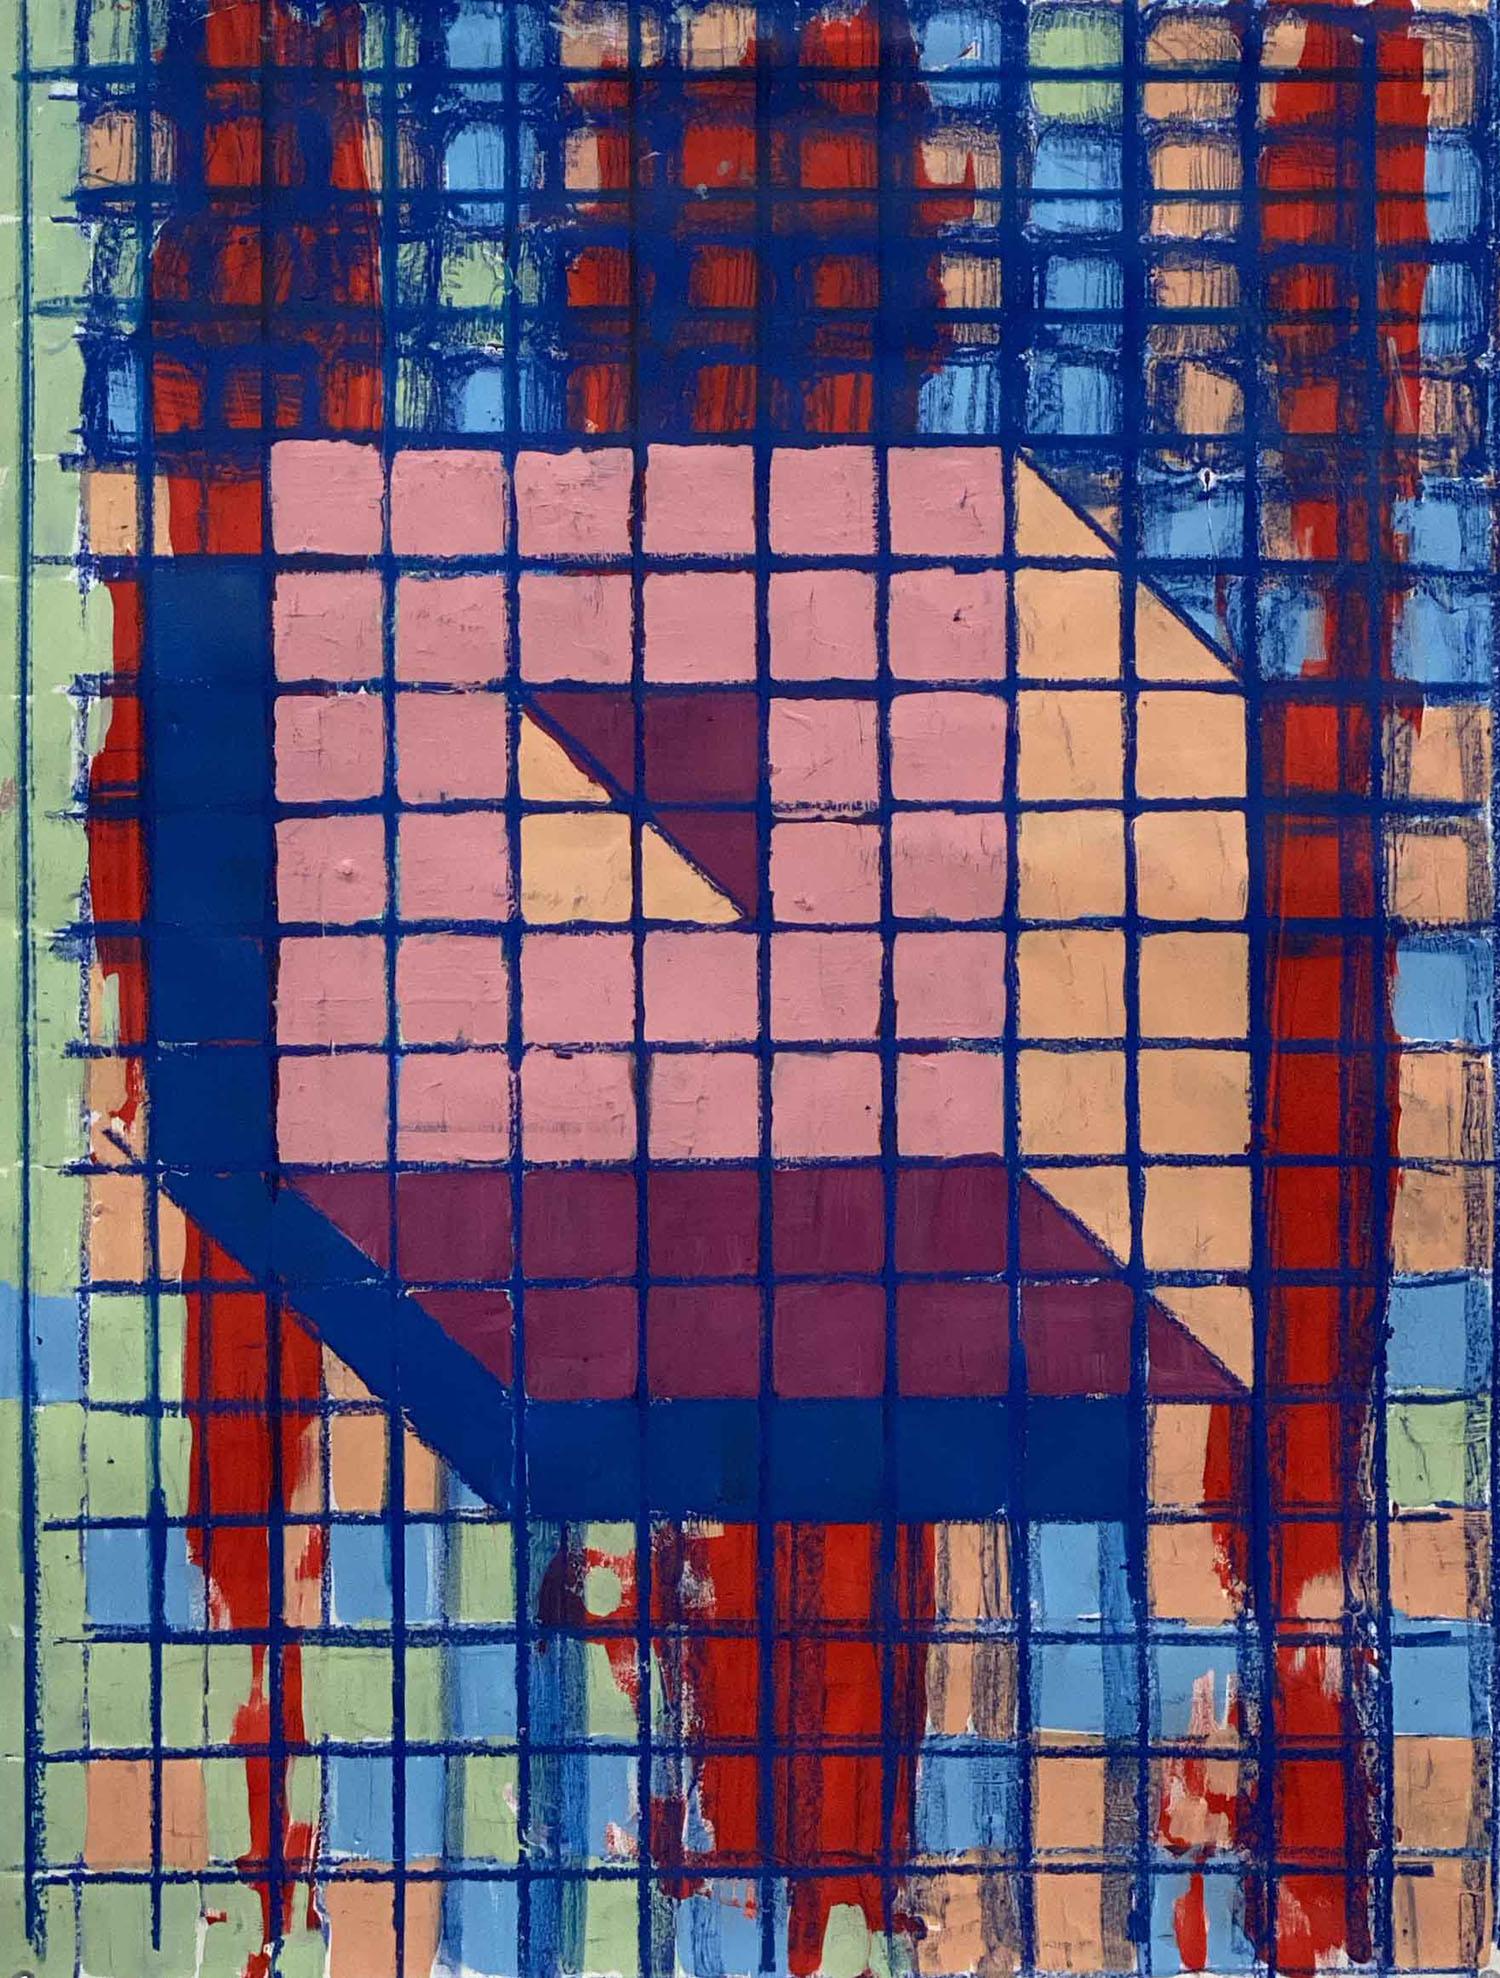 Philip Lique, 24x36